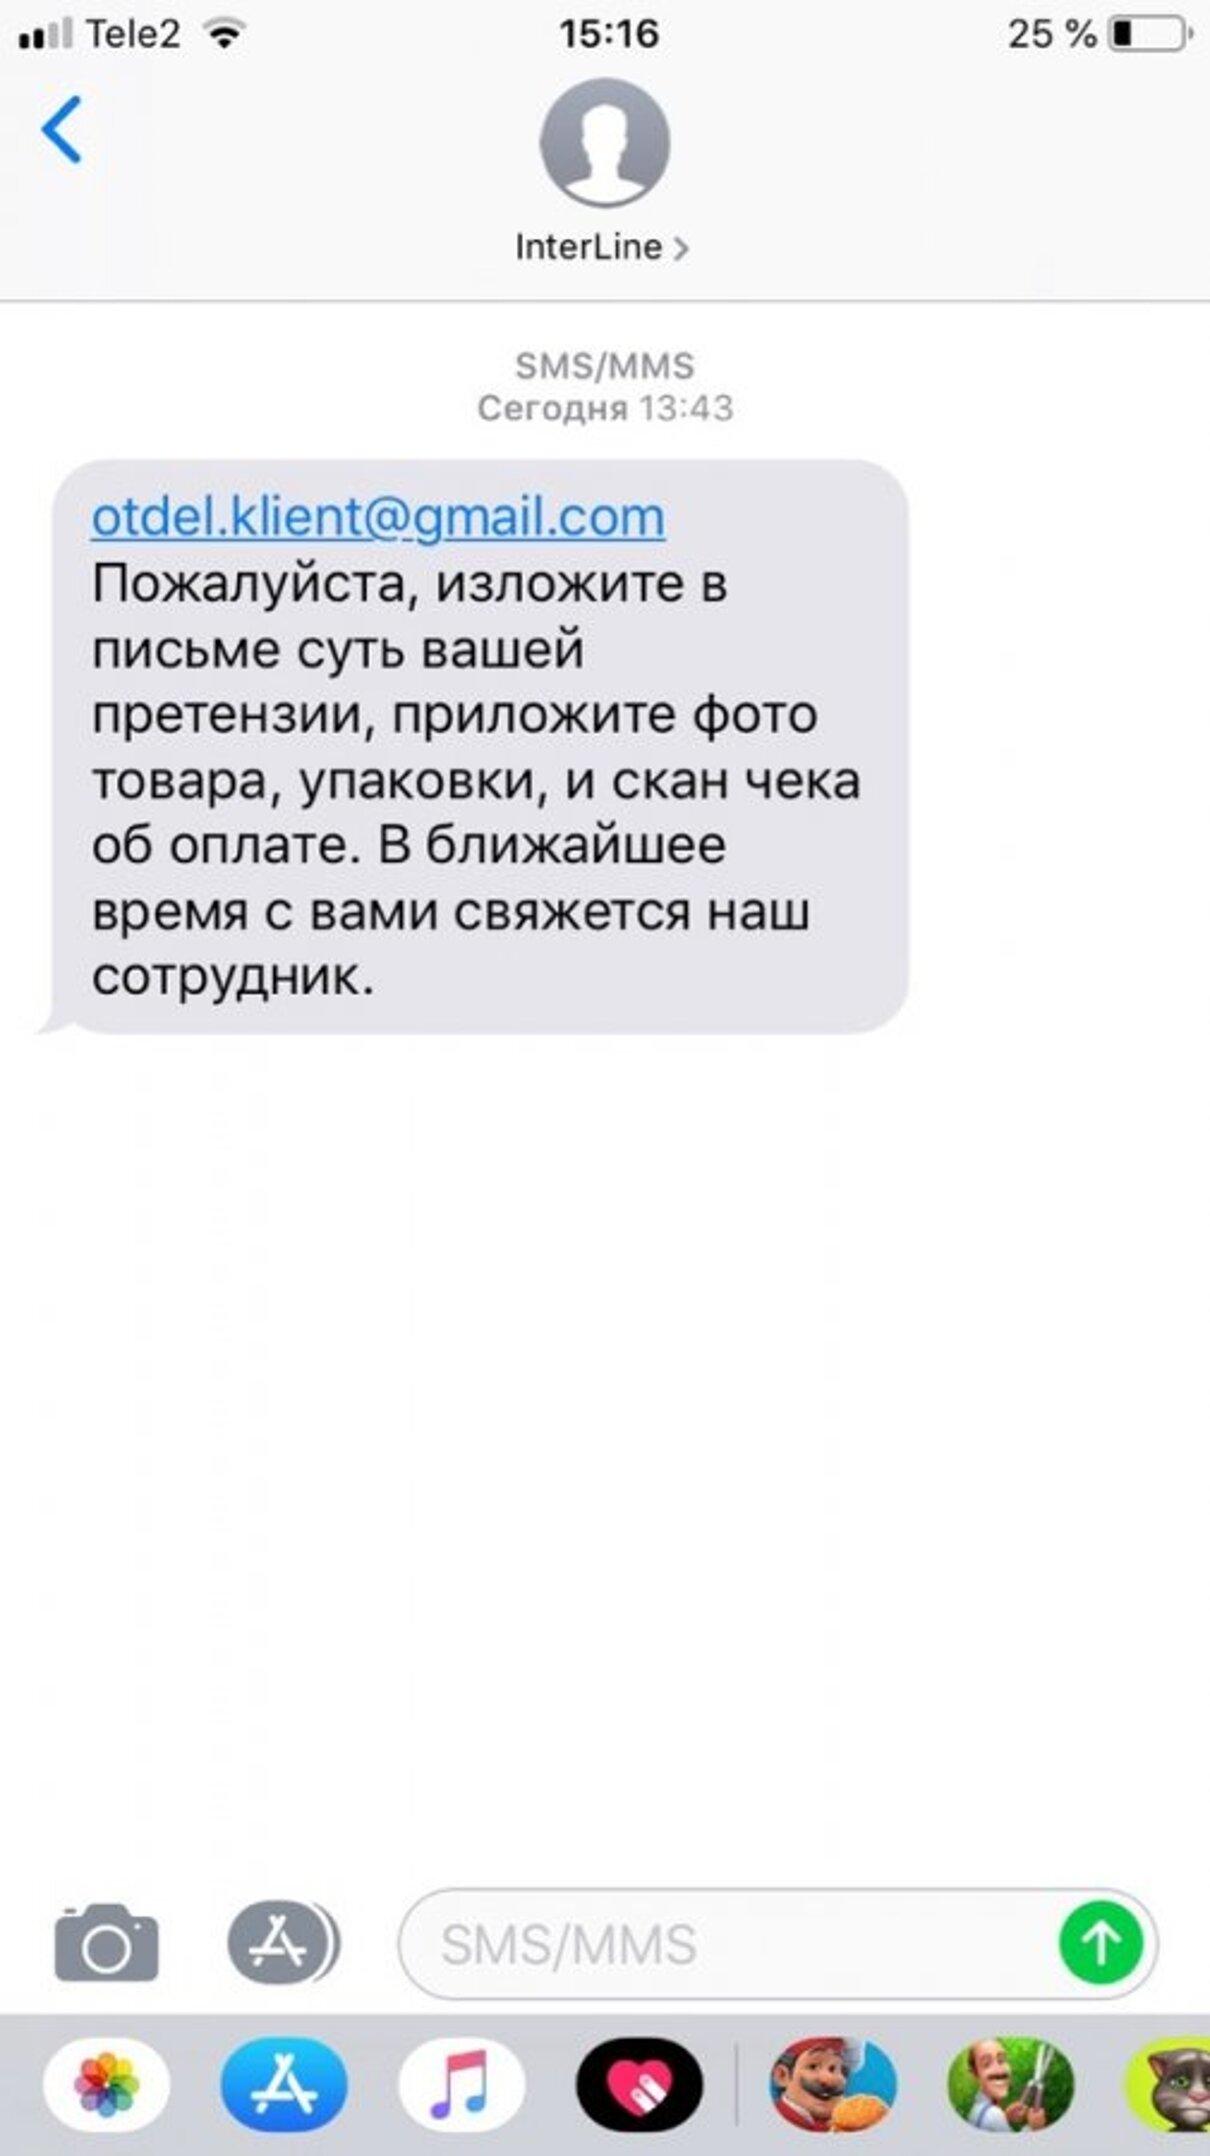 """Жалоба-отзыв: Otdel.klient@gmail.com - ООО""""Пост Сервис"""" Несоответствие товара"""